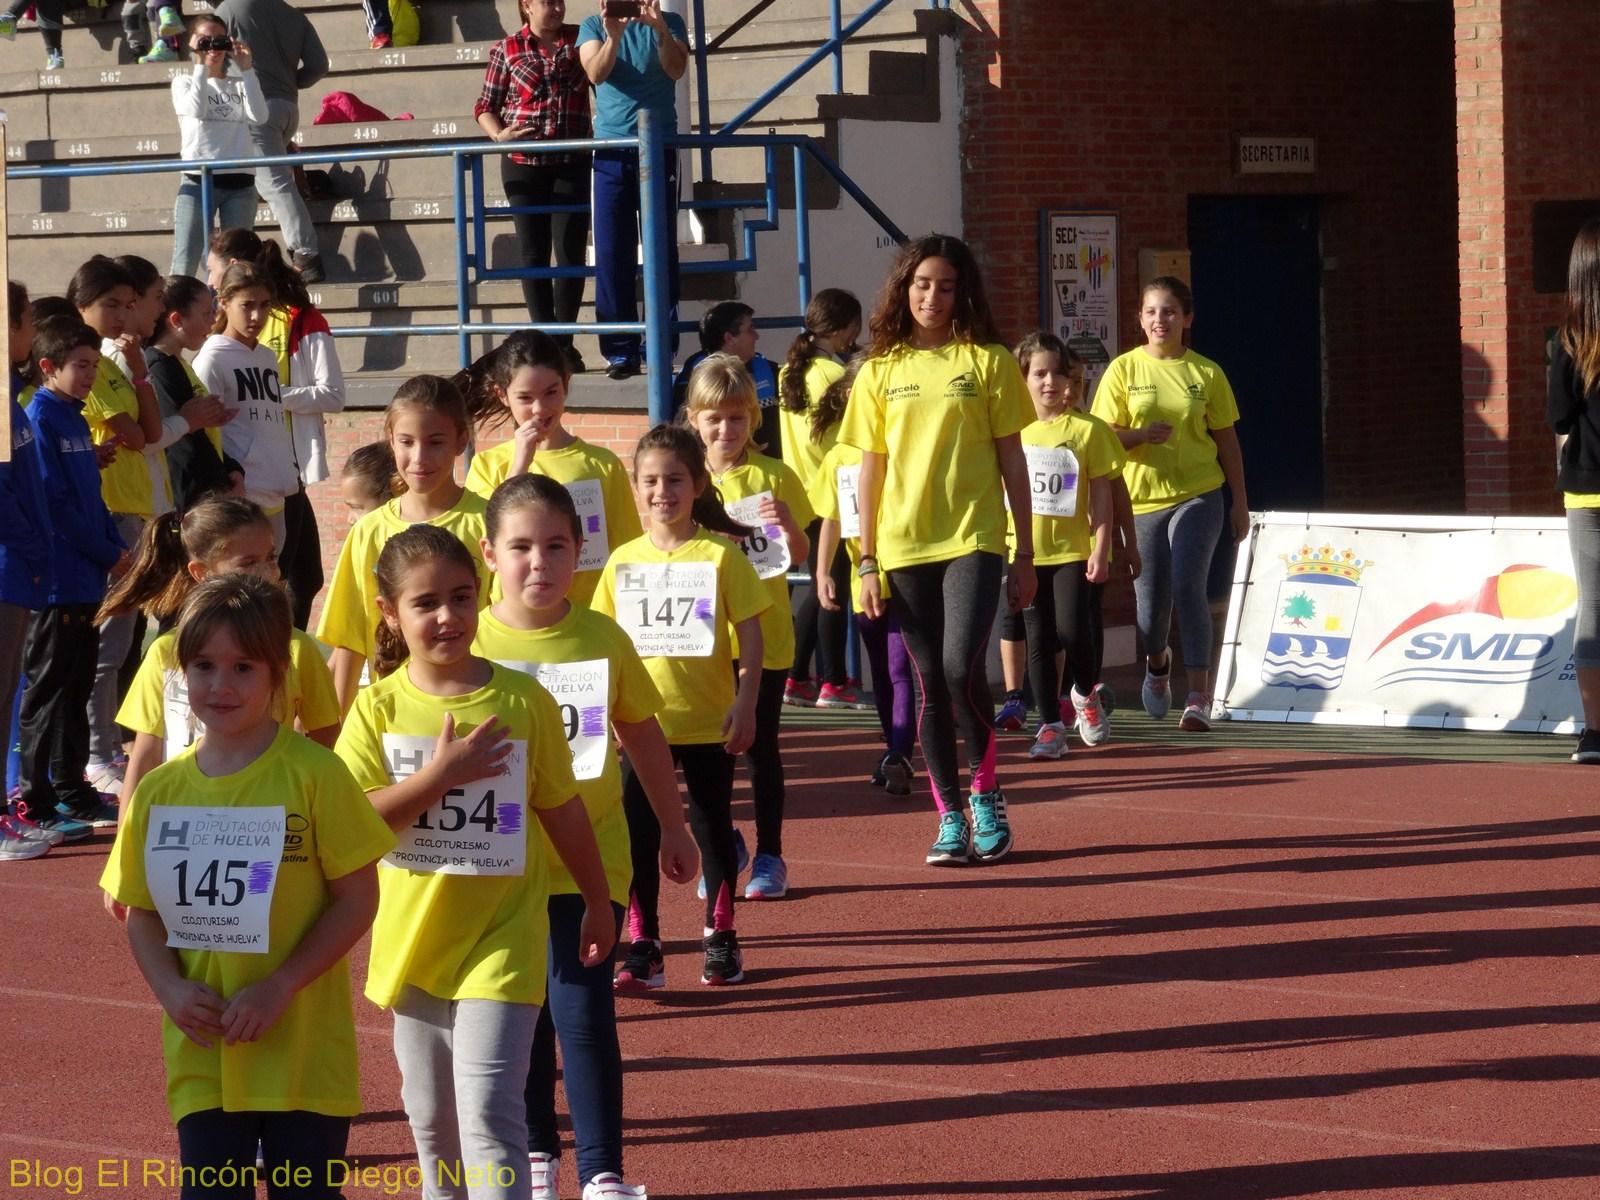 Resultados de las 1ª Pruebas de Atletismo C.A. Isla Cristina